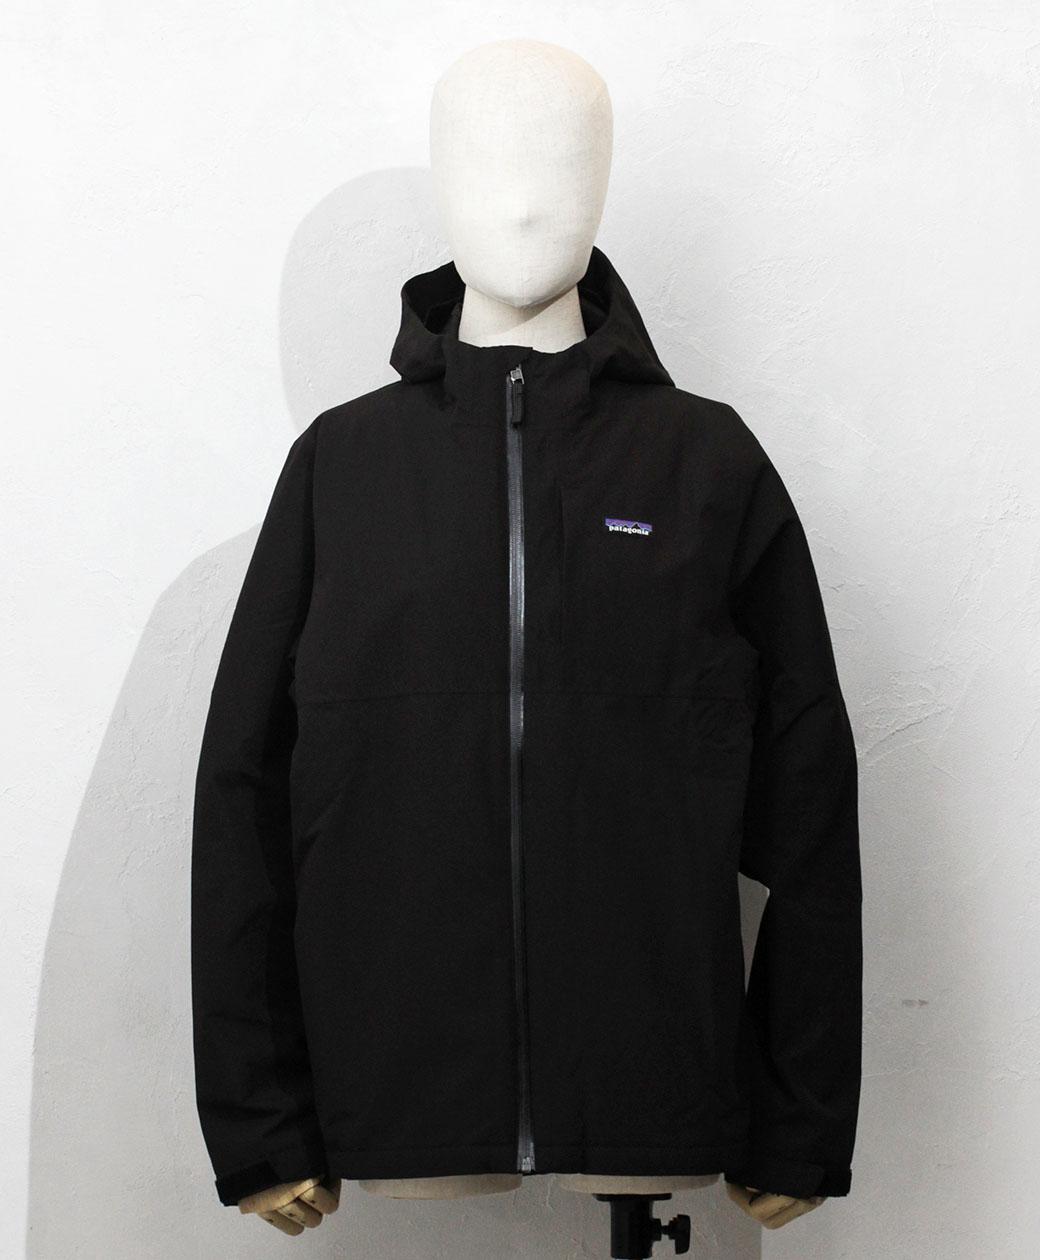 patagonia Boy's 4-in-1 Everyday Jacket(Black)